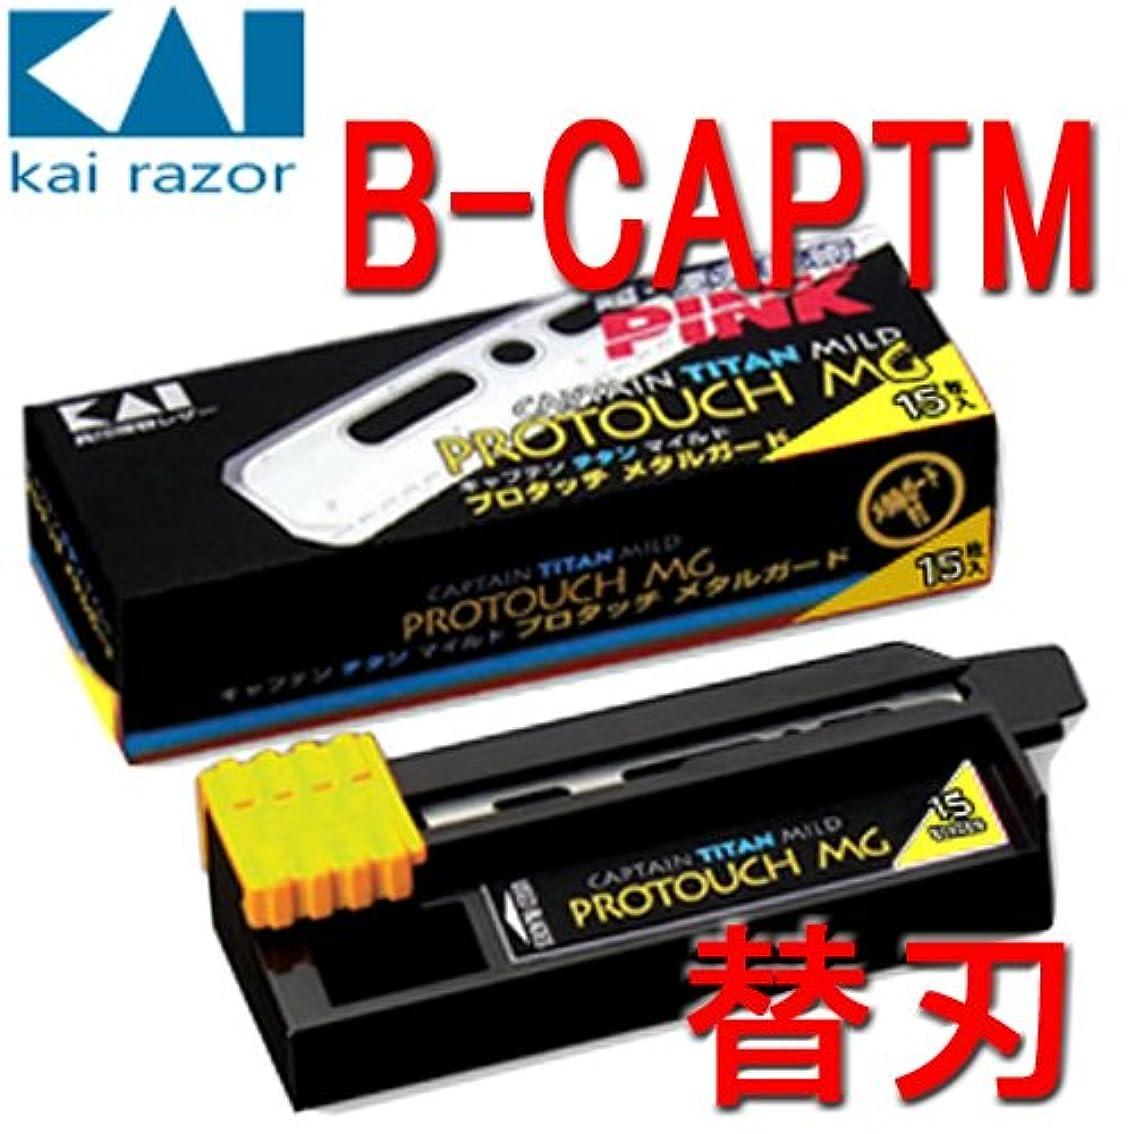 によって悪化させるハウス【貝印カミソリ】 業務用 キャプテン-チタン-メタルガード15 (B-CAPTM)